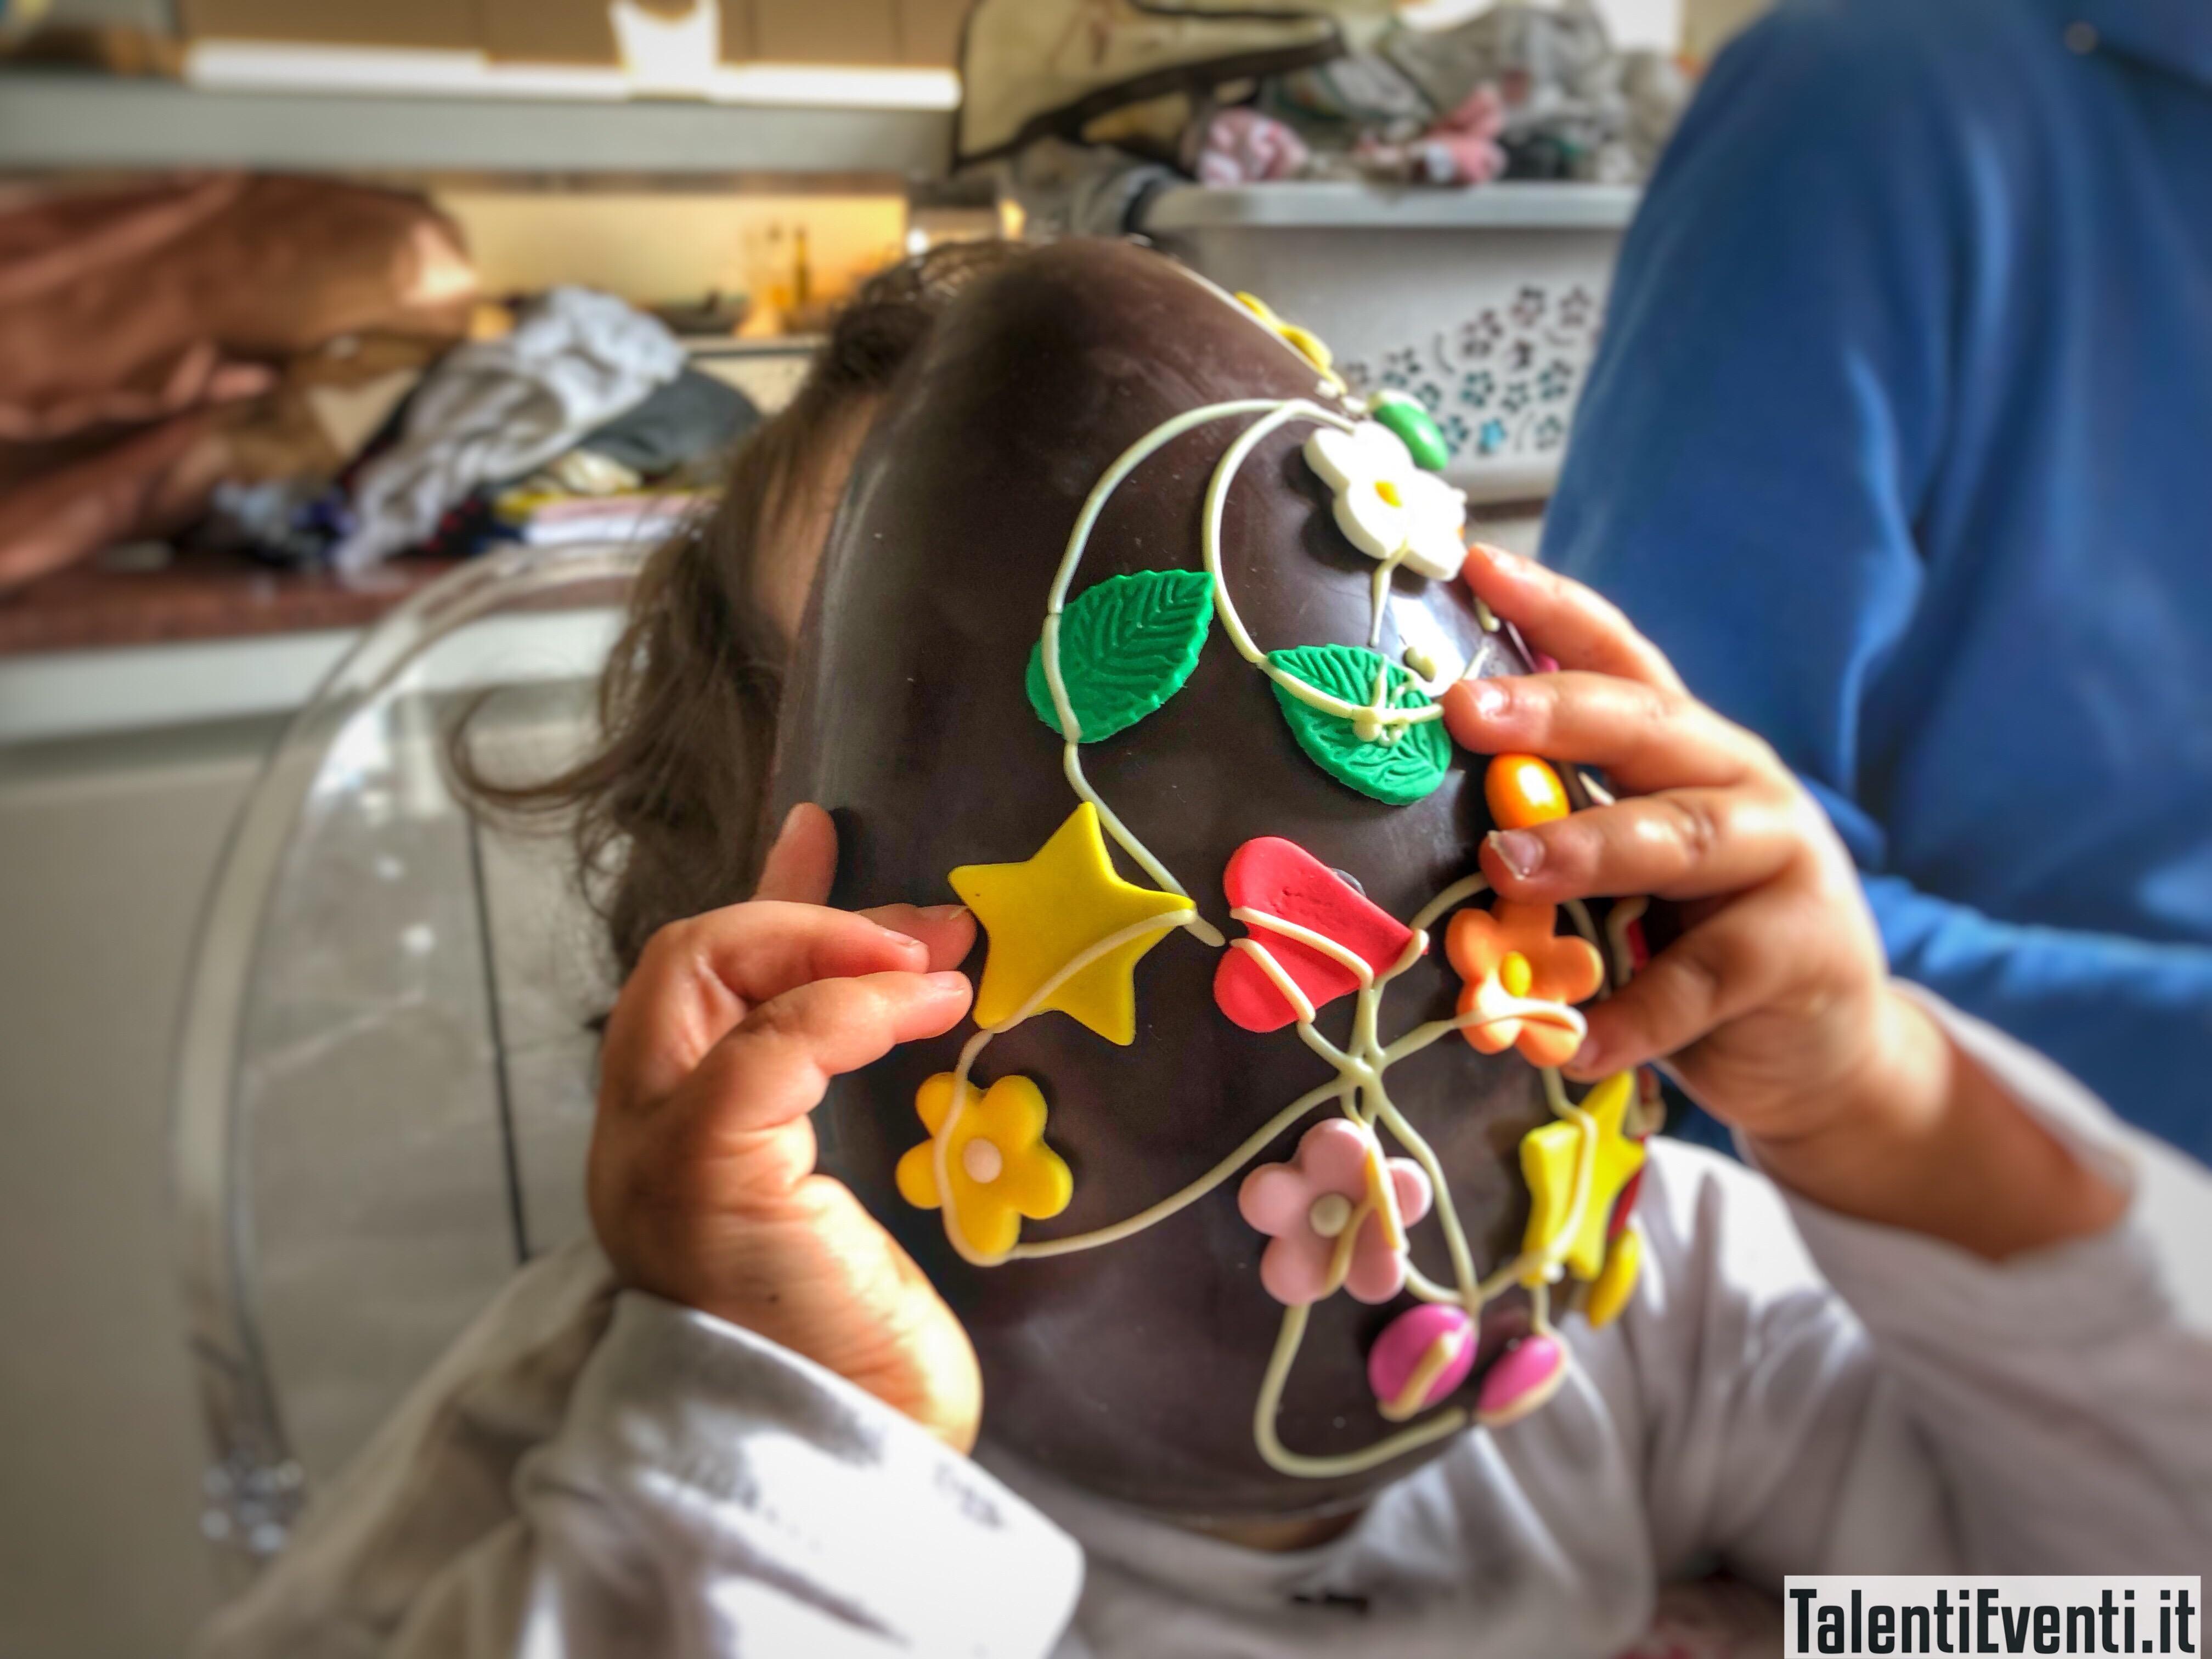 Talenti_Eventi_La_perla_regio_parco_torino_bambini_uova_di_pasqua_berlicabarbis